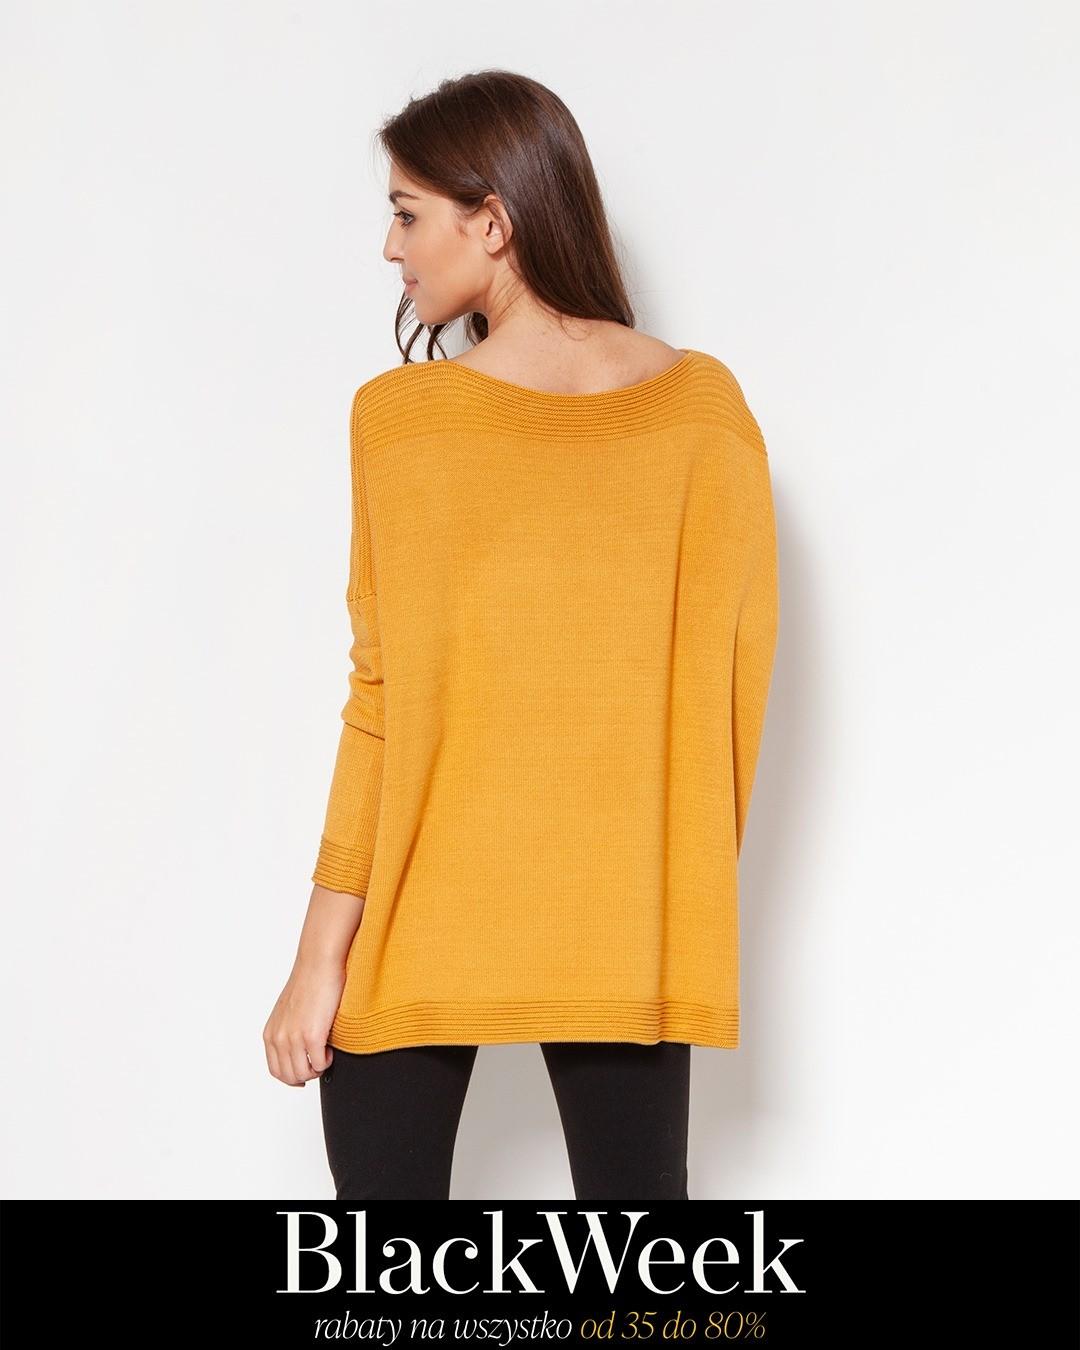 Ten ogromny sweter ma ogromne możliwości! Pasuje do wąskich spódnic, cygaretek, spodni palazzo, legginsów... Wykonany w dziewiarni pod Częstochową, z wysokiej jakości wiskozowej przędzy, która jest bardzo przyjazna dla ciała i dla środowiska. Jej charakterystyka sprawia, że dobrze zatrzymuje ciepło, ale dodatkowo nie dogrzewa (jak np. wełna) - dobrze się więc sprawdza w pomieszczeniach. Sweter nie jest ciężki, ale przyjemnie sprężysty. Zdobią go żebrowane zdobienia, bardzo dopracowane, sprawiające wrażenie wręcz biżuteryjnych. #blackweek #sweterdamski #sweterki #sweter #sweater #sweaterday #sweaterlover #sweaterweather #knitwear #knitted #slowfashion #dzianina #wiskoza #sweterzwiskozy #wiskozowysweter